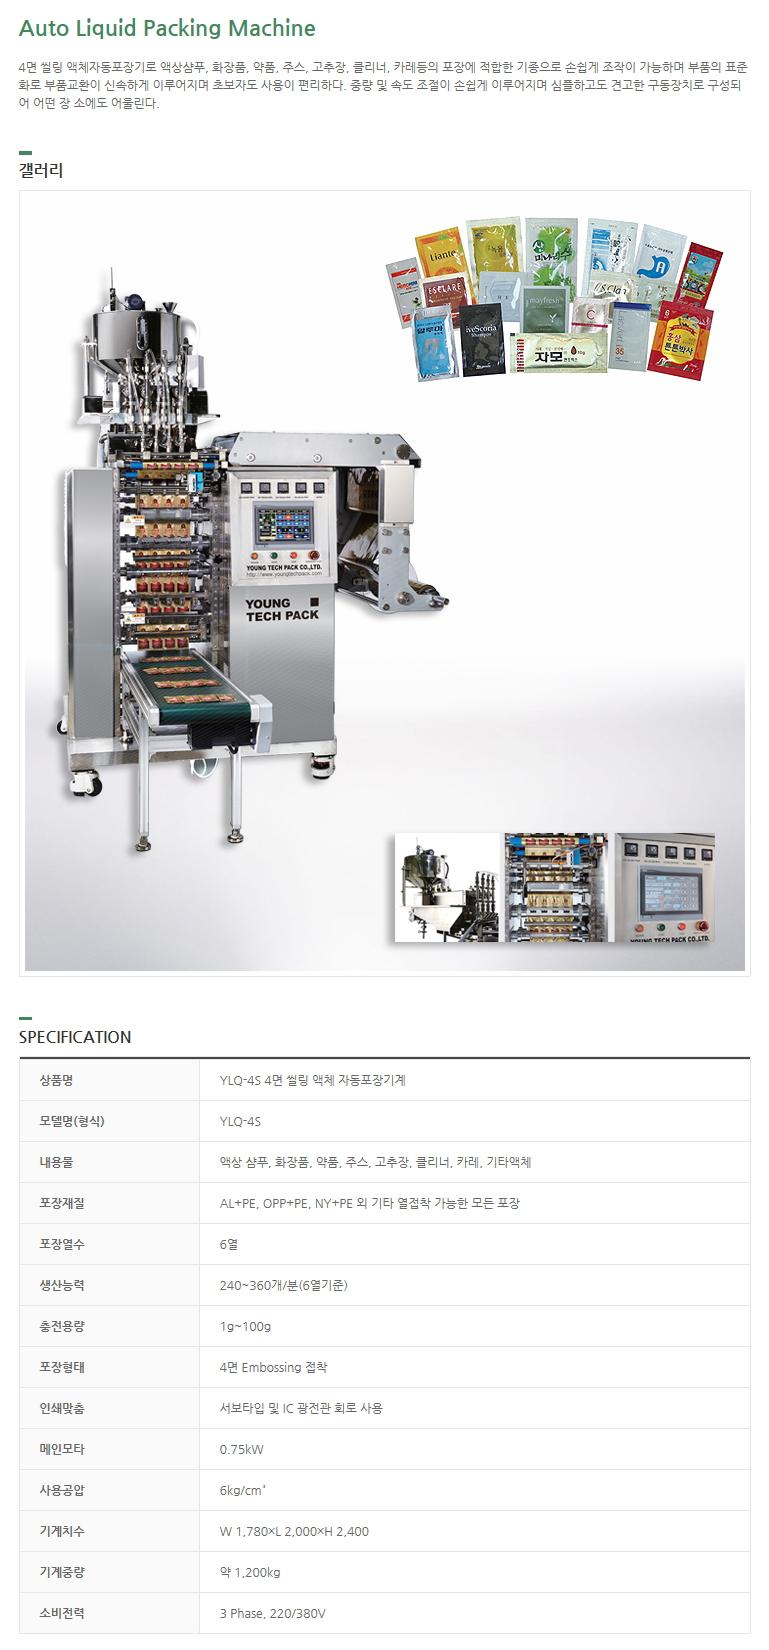 (주)영테크팩 4면 씰링 액체 자동포장기계 YLQ-4S 1